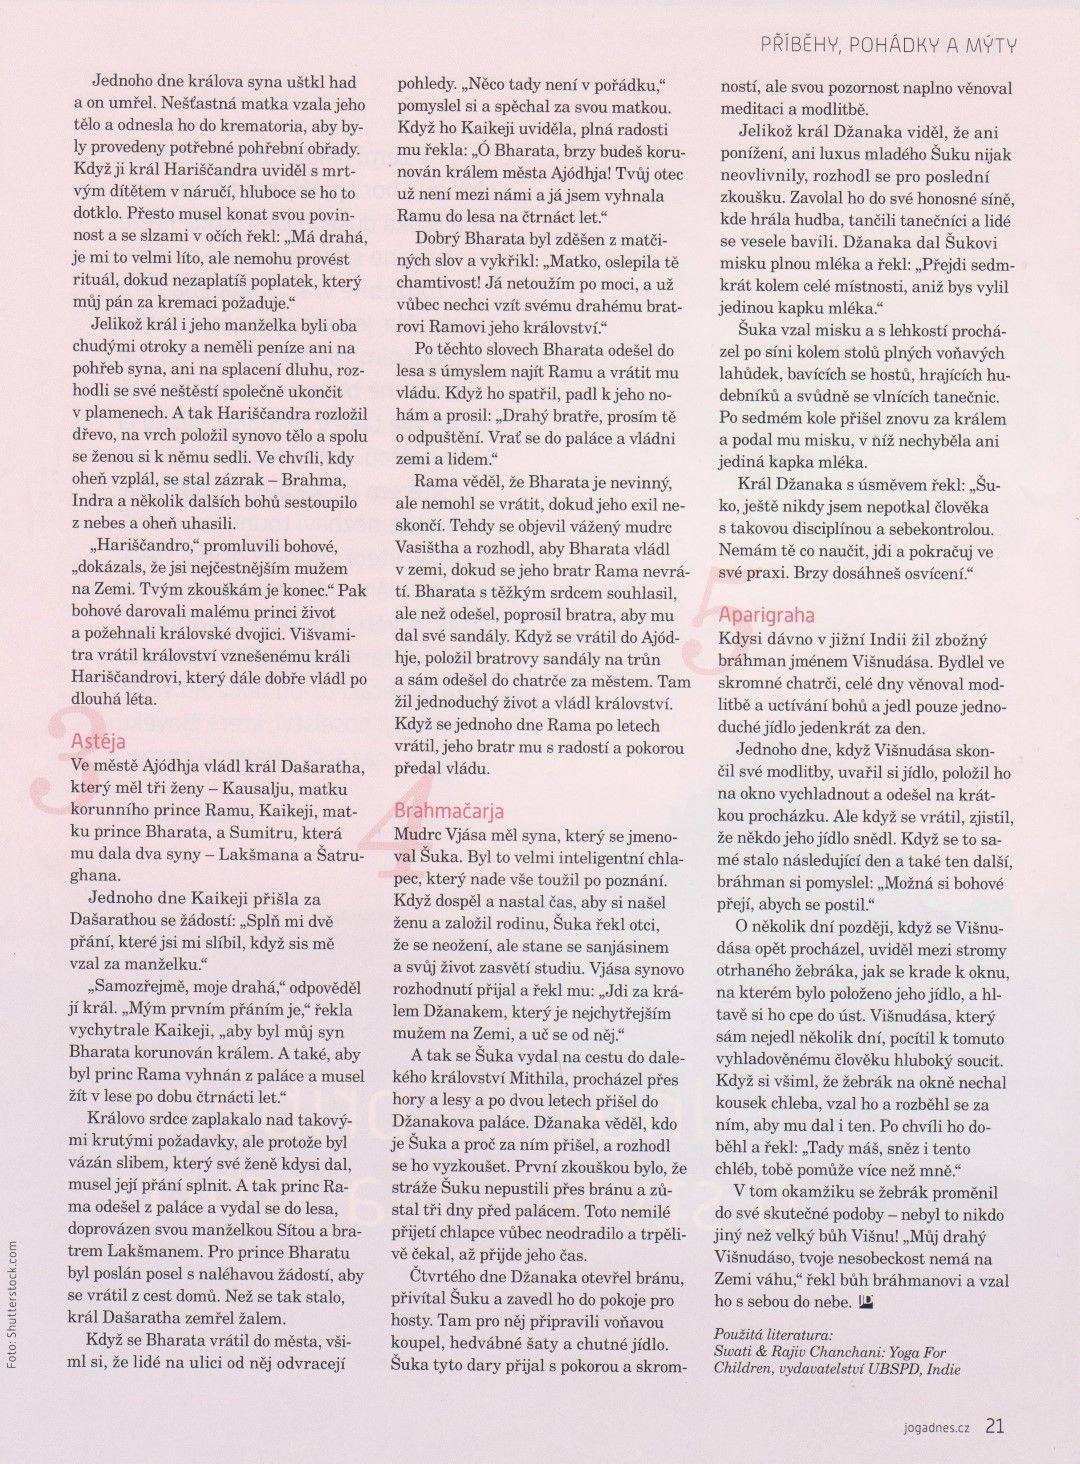 Patandzaliho jama v pribezich_str.2